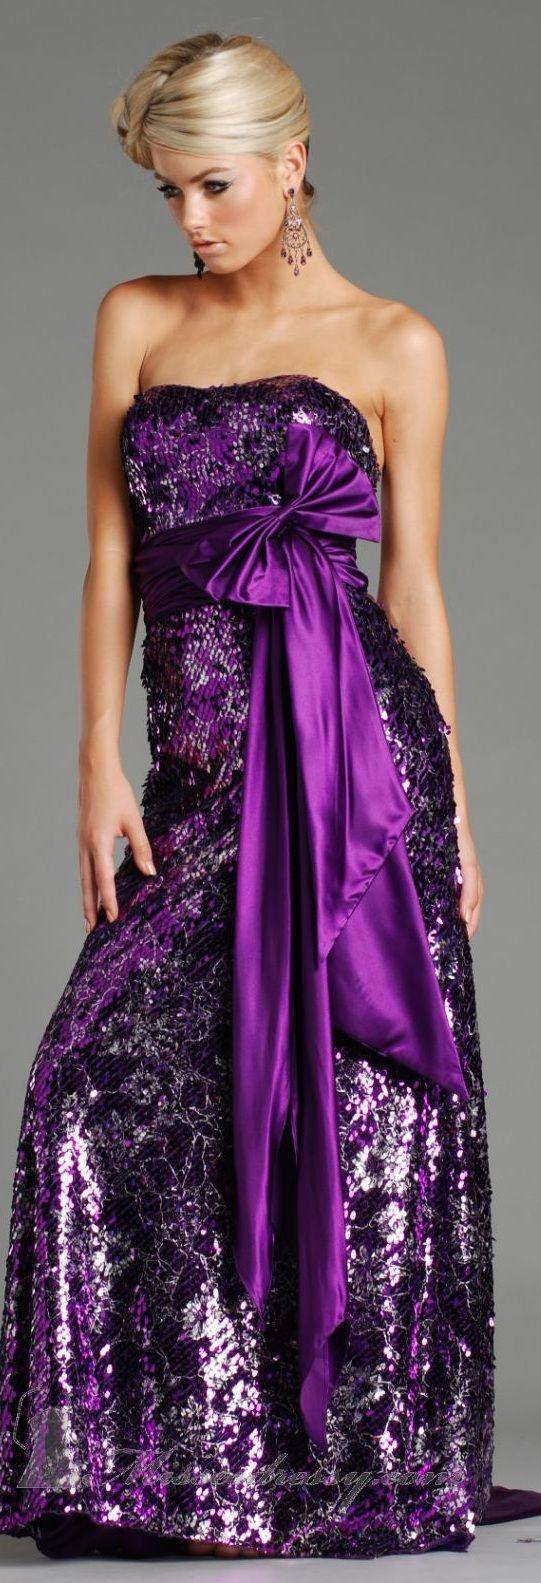 919 best bridesmaid dresses images on Pinterest   Crop dress, 1950s ...